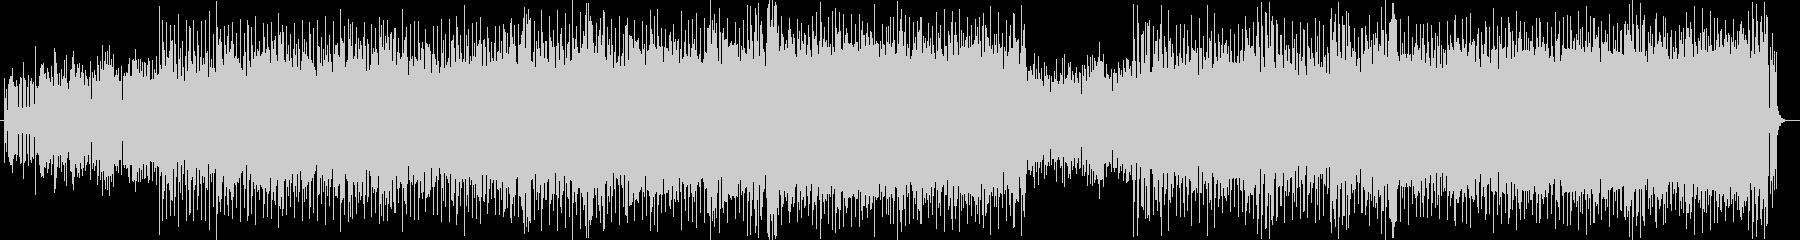 ポップでコミカルなシンセサイザーの曲の未再生の波形